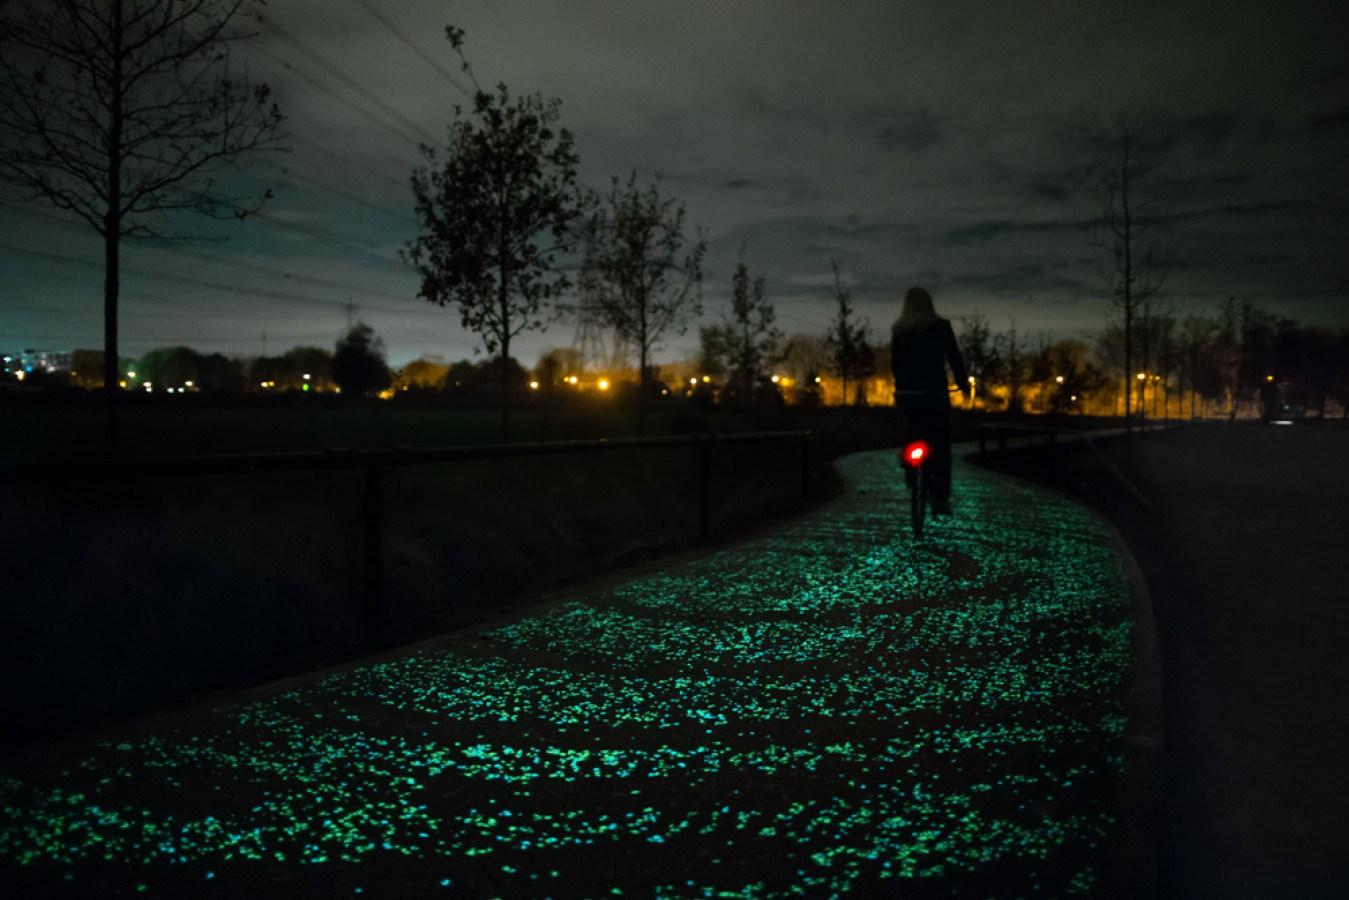 ciclovia-iluminada-holanda